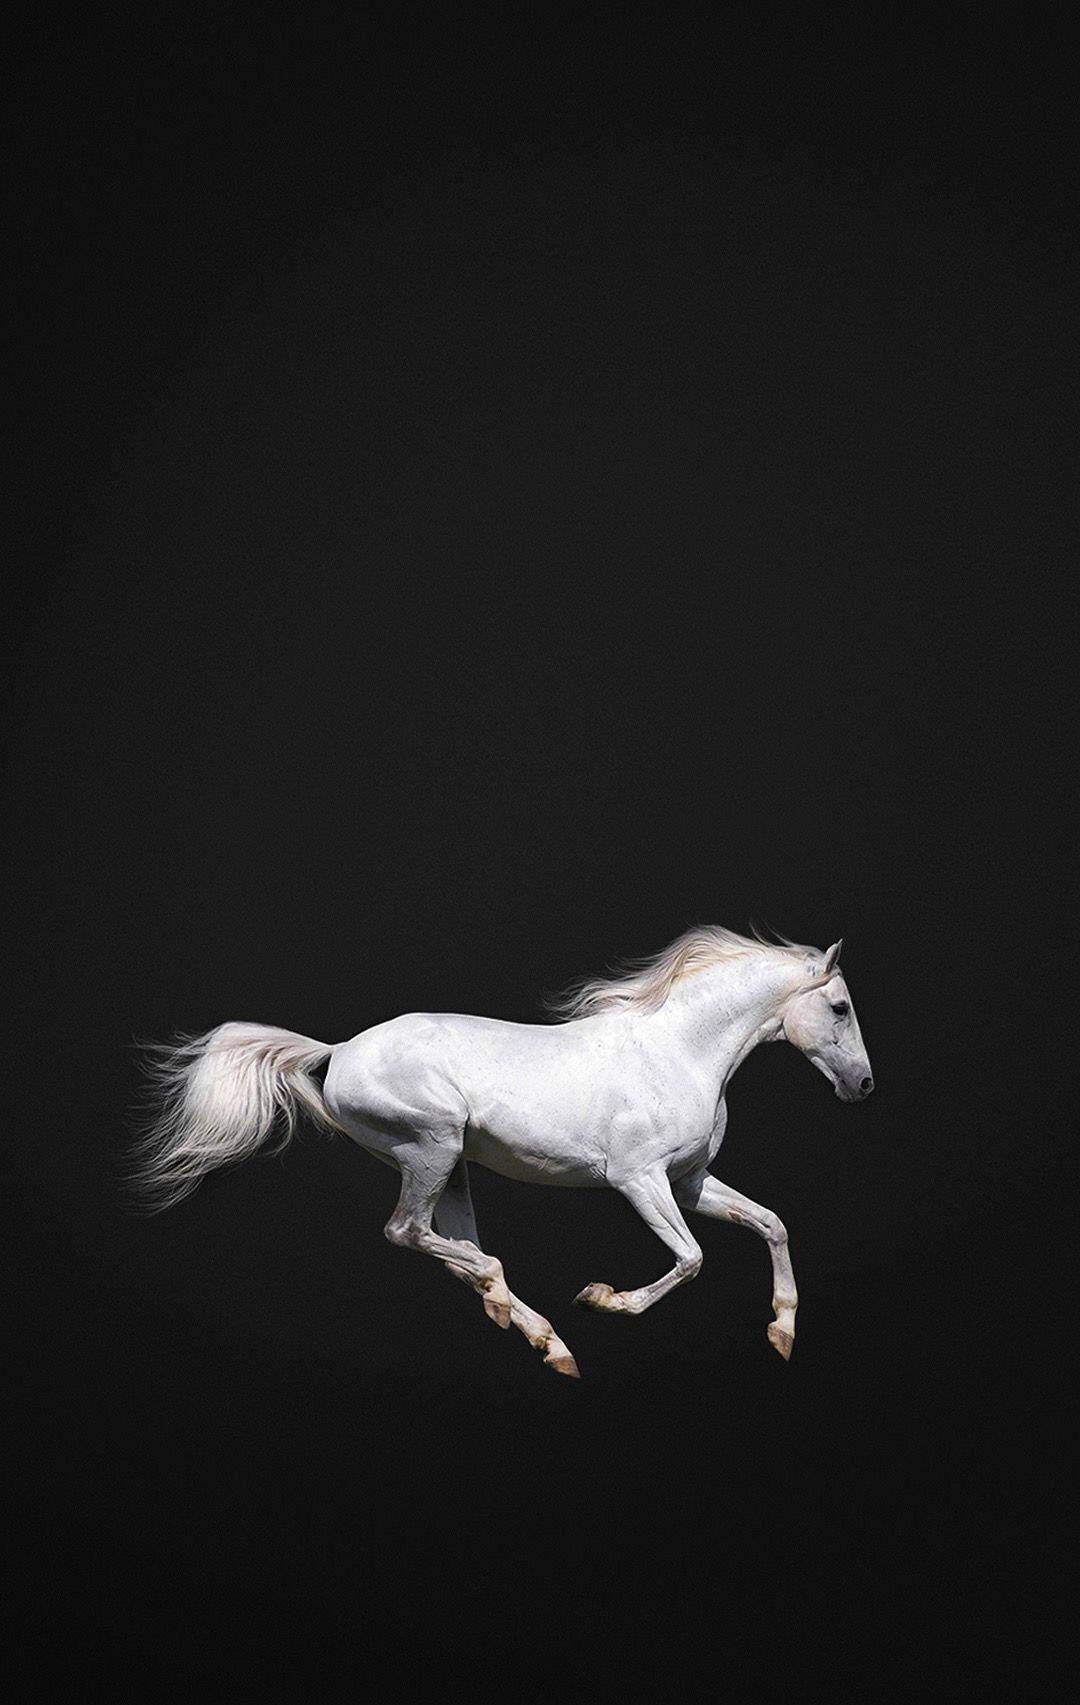 Good Wallpaper Horse Iphone 5s - c44178e7ba4a8802e553eecd4cacbe41  Graphic_604444.jpg